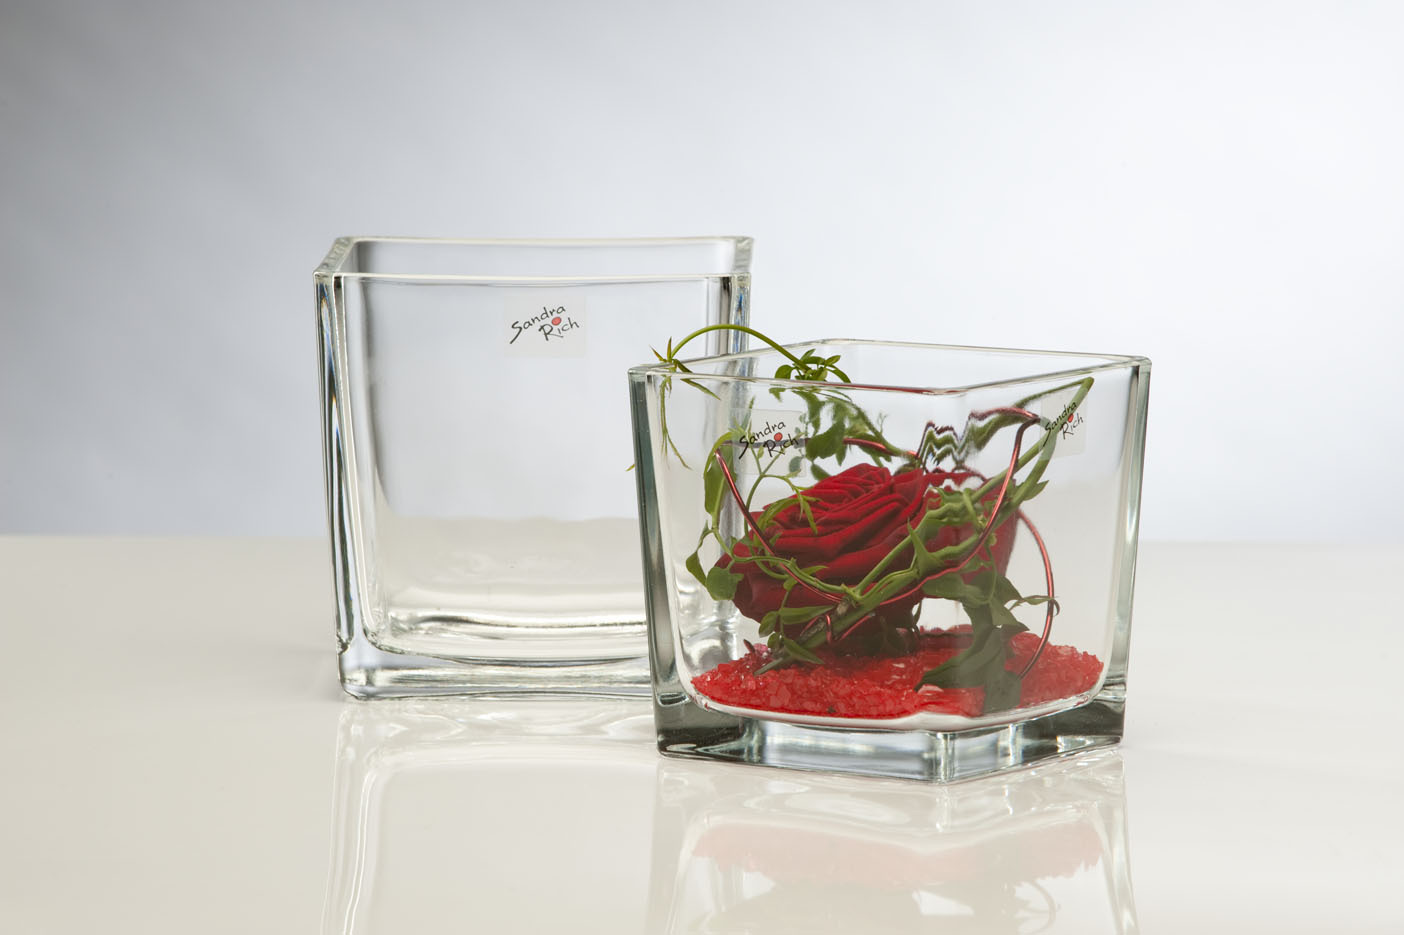 Teelichthalter Windlicht CUBE H 8cm 8x8cm Glas quadratisch klar Sandra Rich